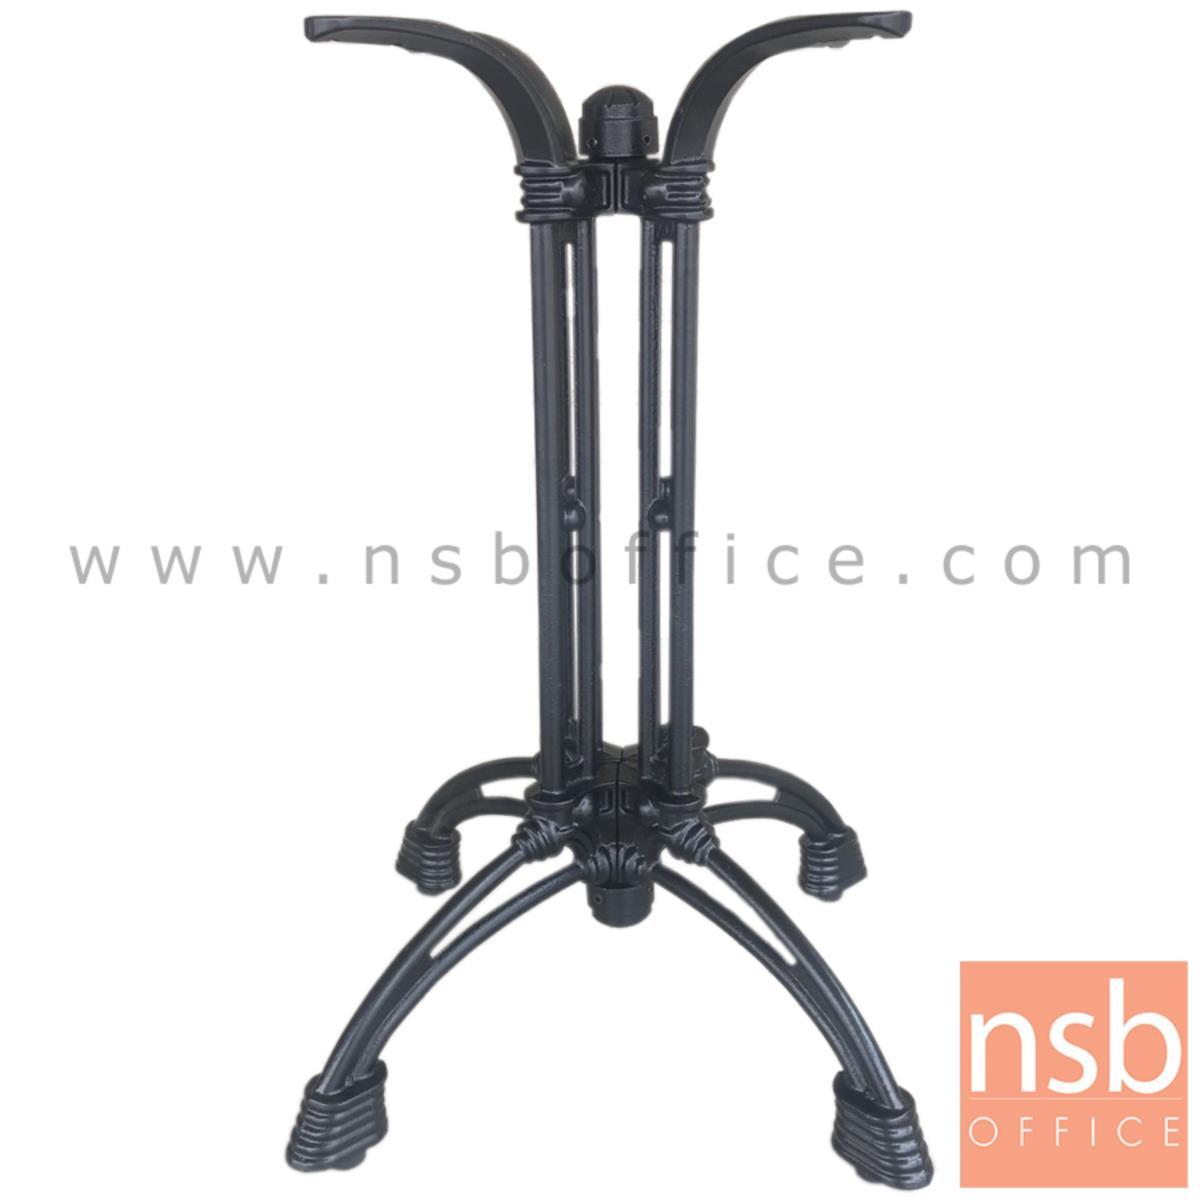 A14A224:ขาโต๊ะบาร์ทรงโรมัน เหล็กหล่อ สีดำ รุ่น DEDO (ดีโด้)